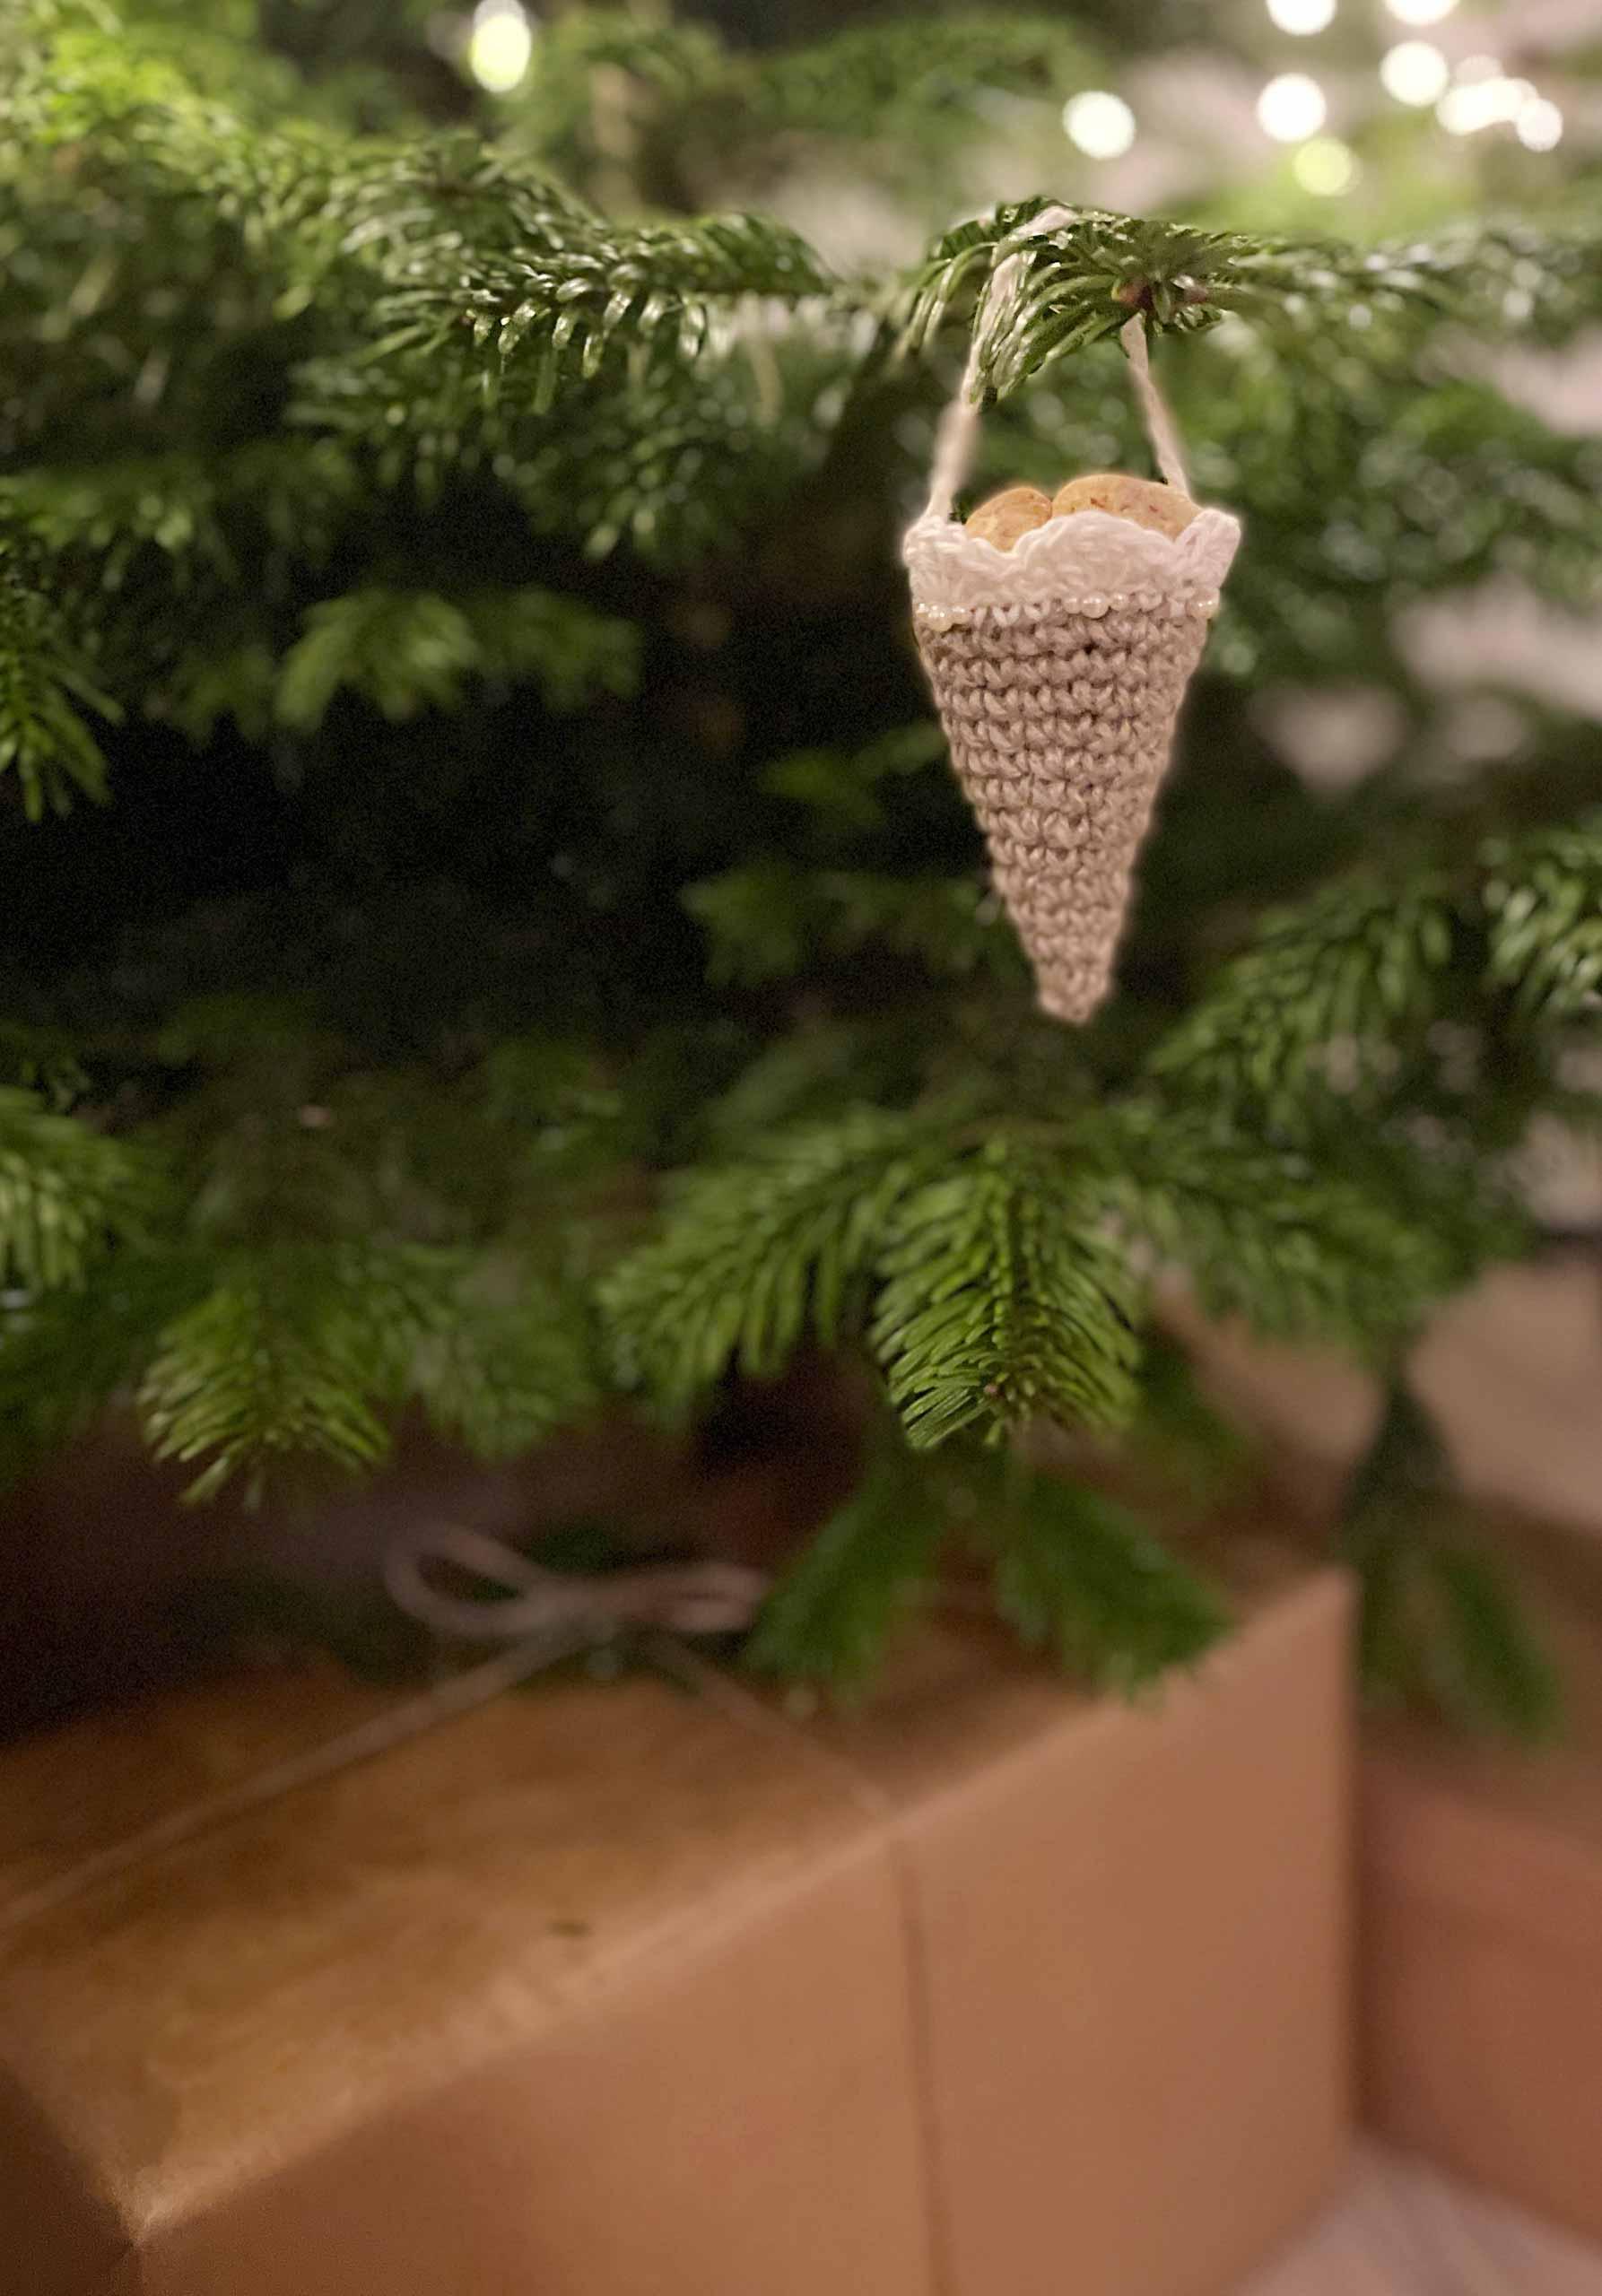 Milla Billas hæklede jule-kræmmerhus